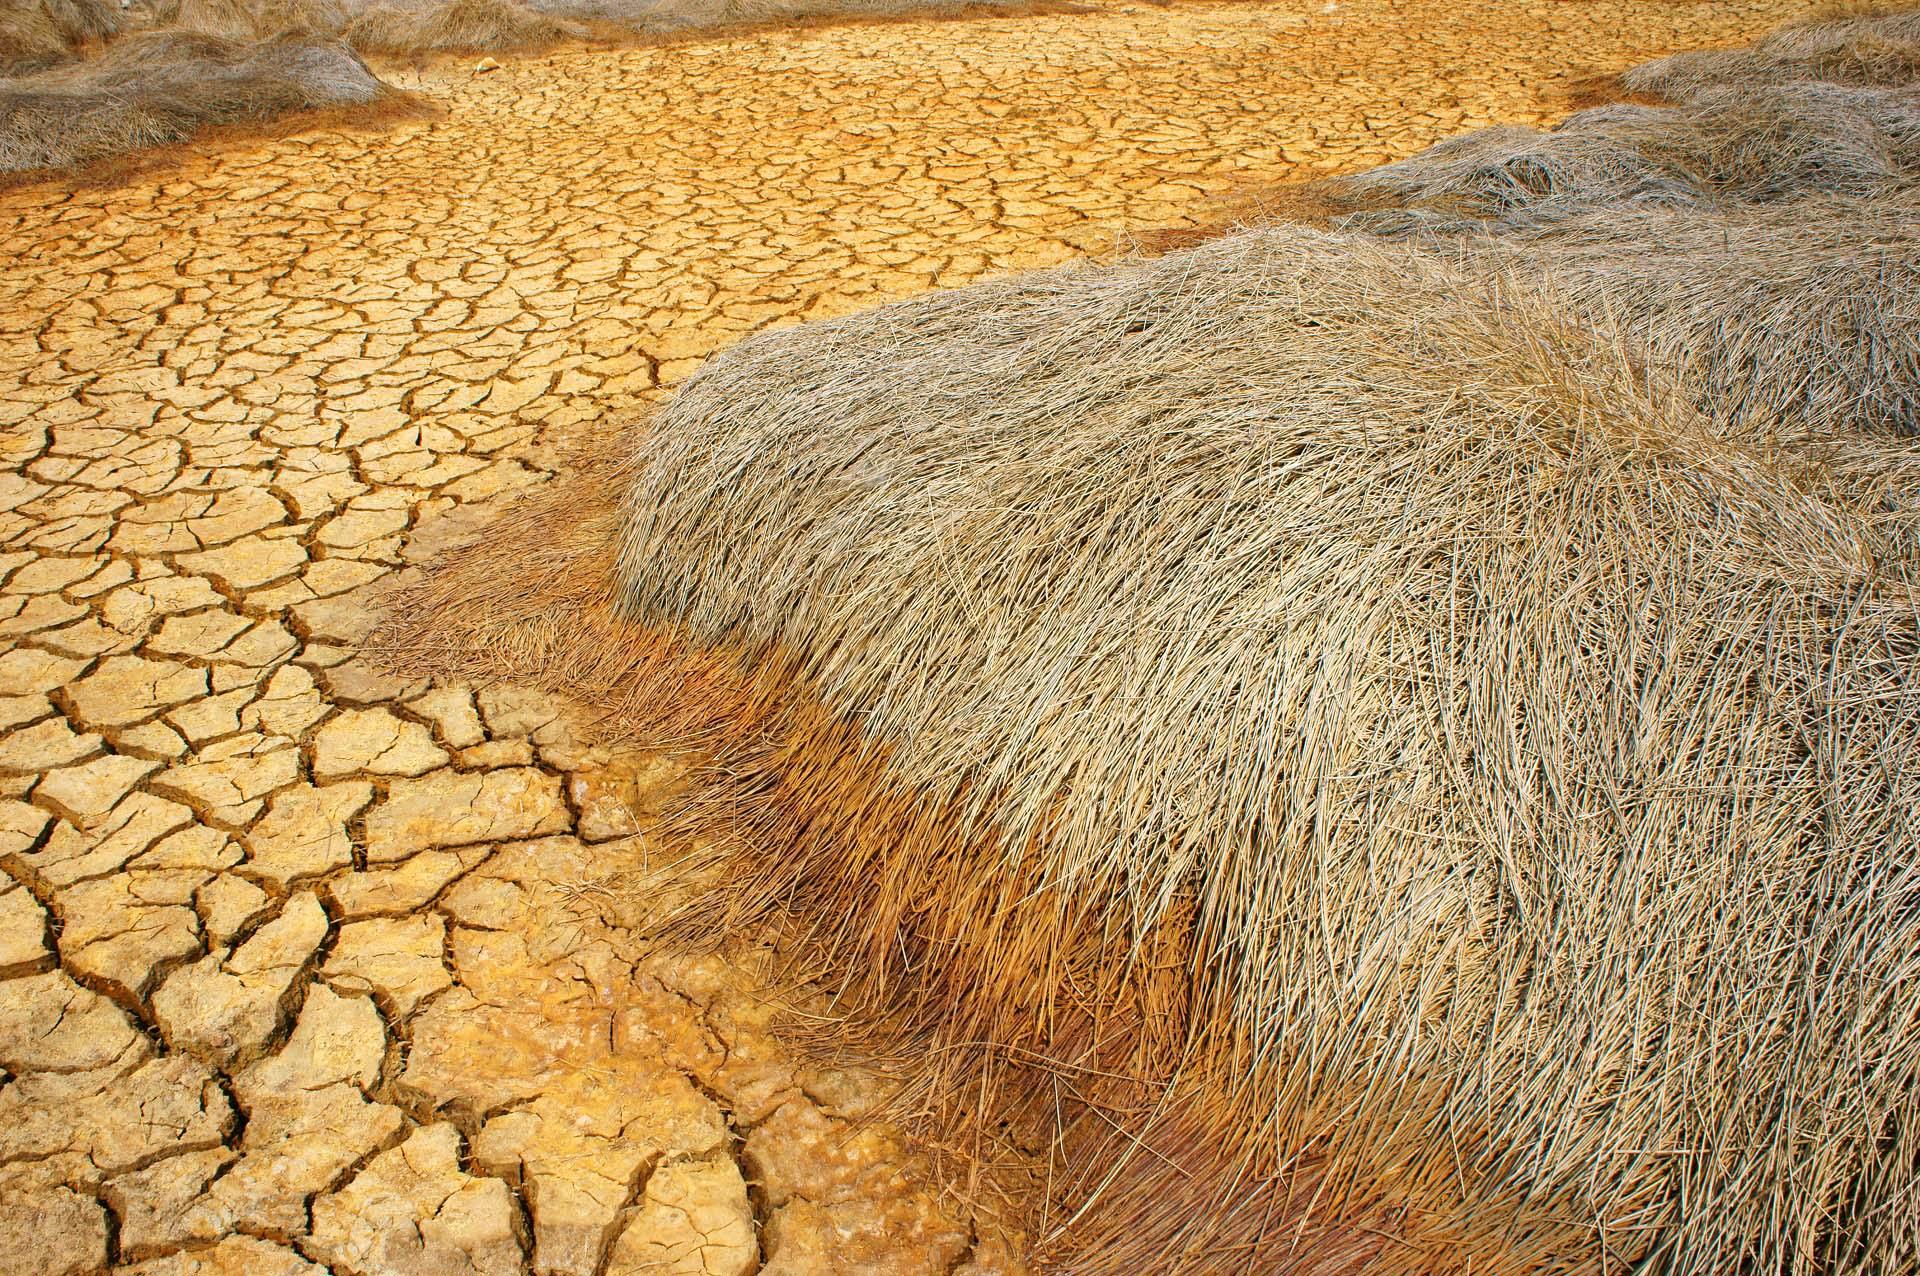 Folgen von Klimawandel und falscher Bodenbearbeitung: Trockenheit reduziert die Ernteerträge